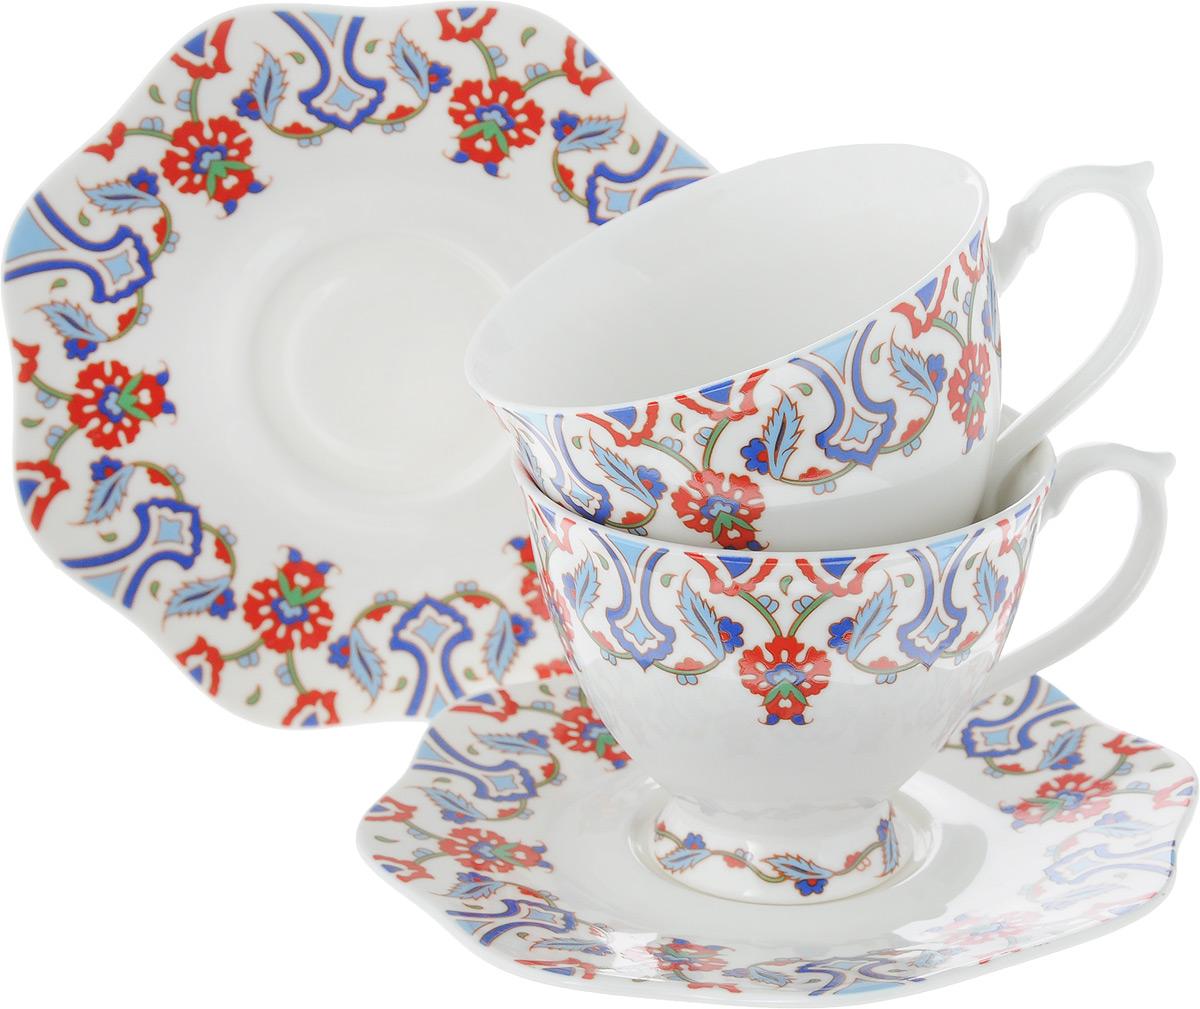 Набор чайный Loraine, 4 предмета. 26618115610Чайный набор Loraine на 2 персоны выполнен из высококачественного костяного фарфора - материала, безопасного для здоровья и надолго сохраняющего тепло напитка. В наборе 2 чашки и 2 блюдца. Несмотря на свою внешнюю хрупкость, каждый из предметов набора обладает высокой прочностью и надежностью. Изделия дополнены ярким красивым узором. Оригинальный дизайн сделает этот набор изысканным украшением любого стола. Набор упакован в подарочную коробку в форме сердца, поэтому его можно преподнести в качестве оригинального и практичного подарка для родных и близких. Объем чашки: 180 мл. Диаметр чашки (по верхнему краю): 8 см. Высота чашки: 7 см. Диаметр блюдца: 14 см.